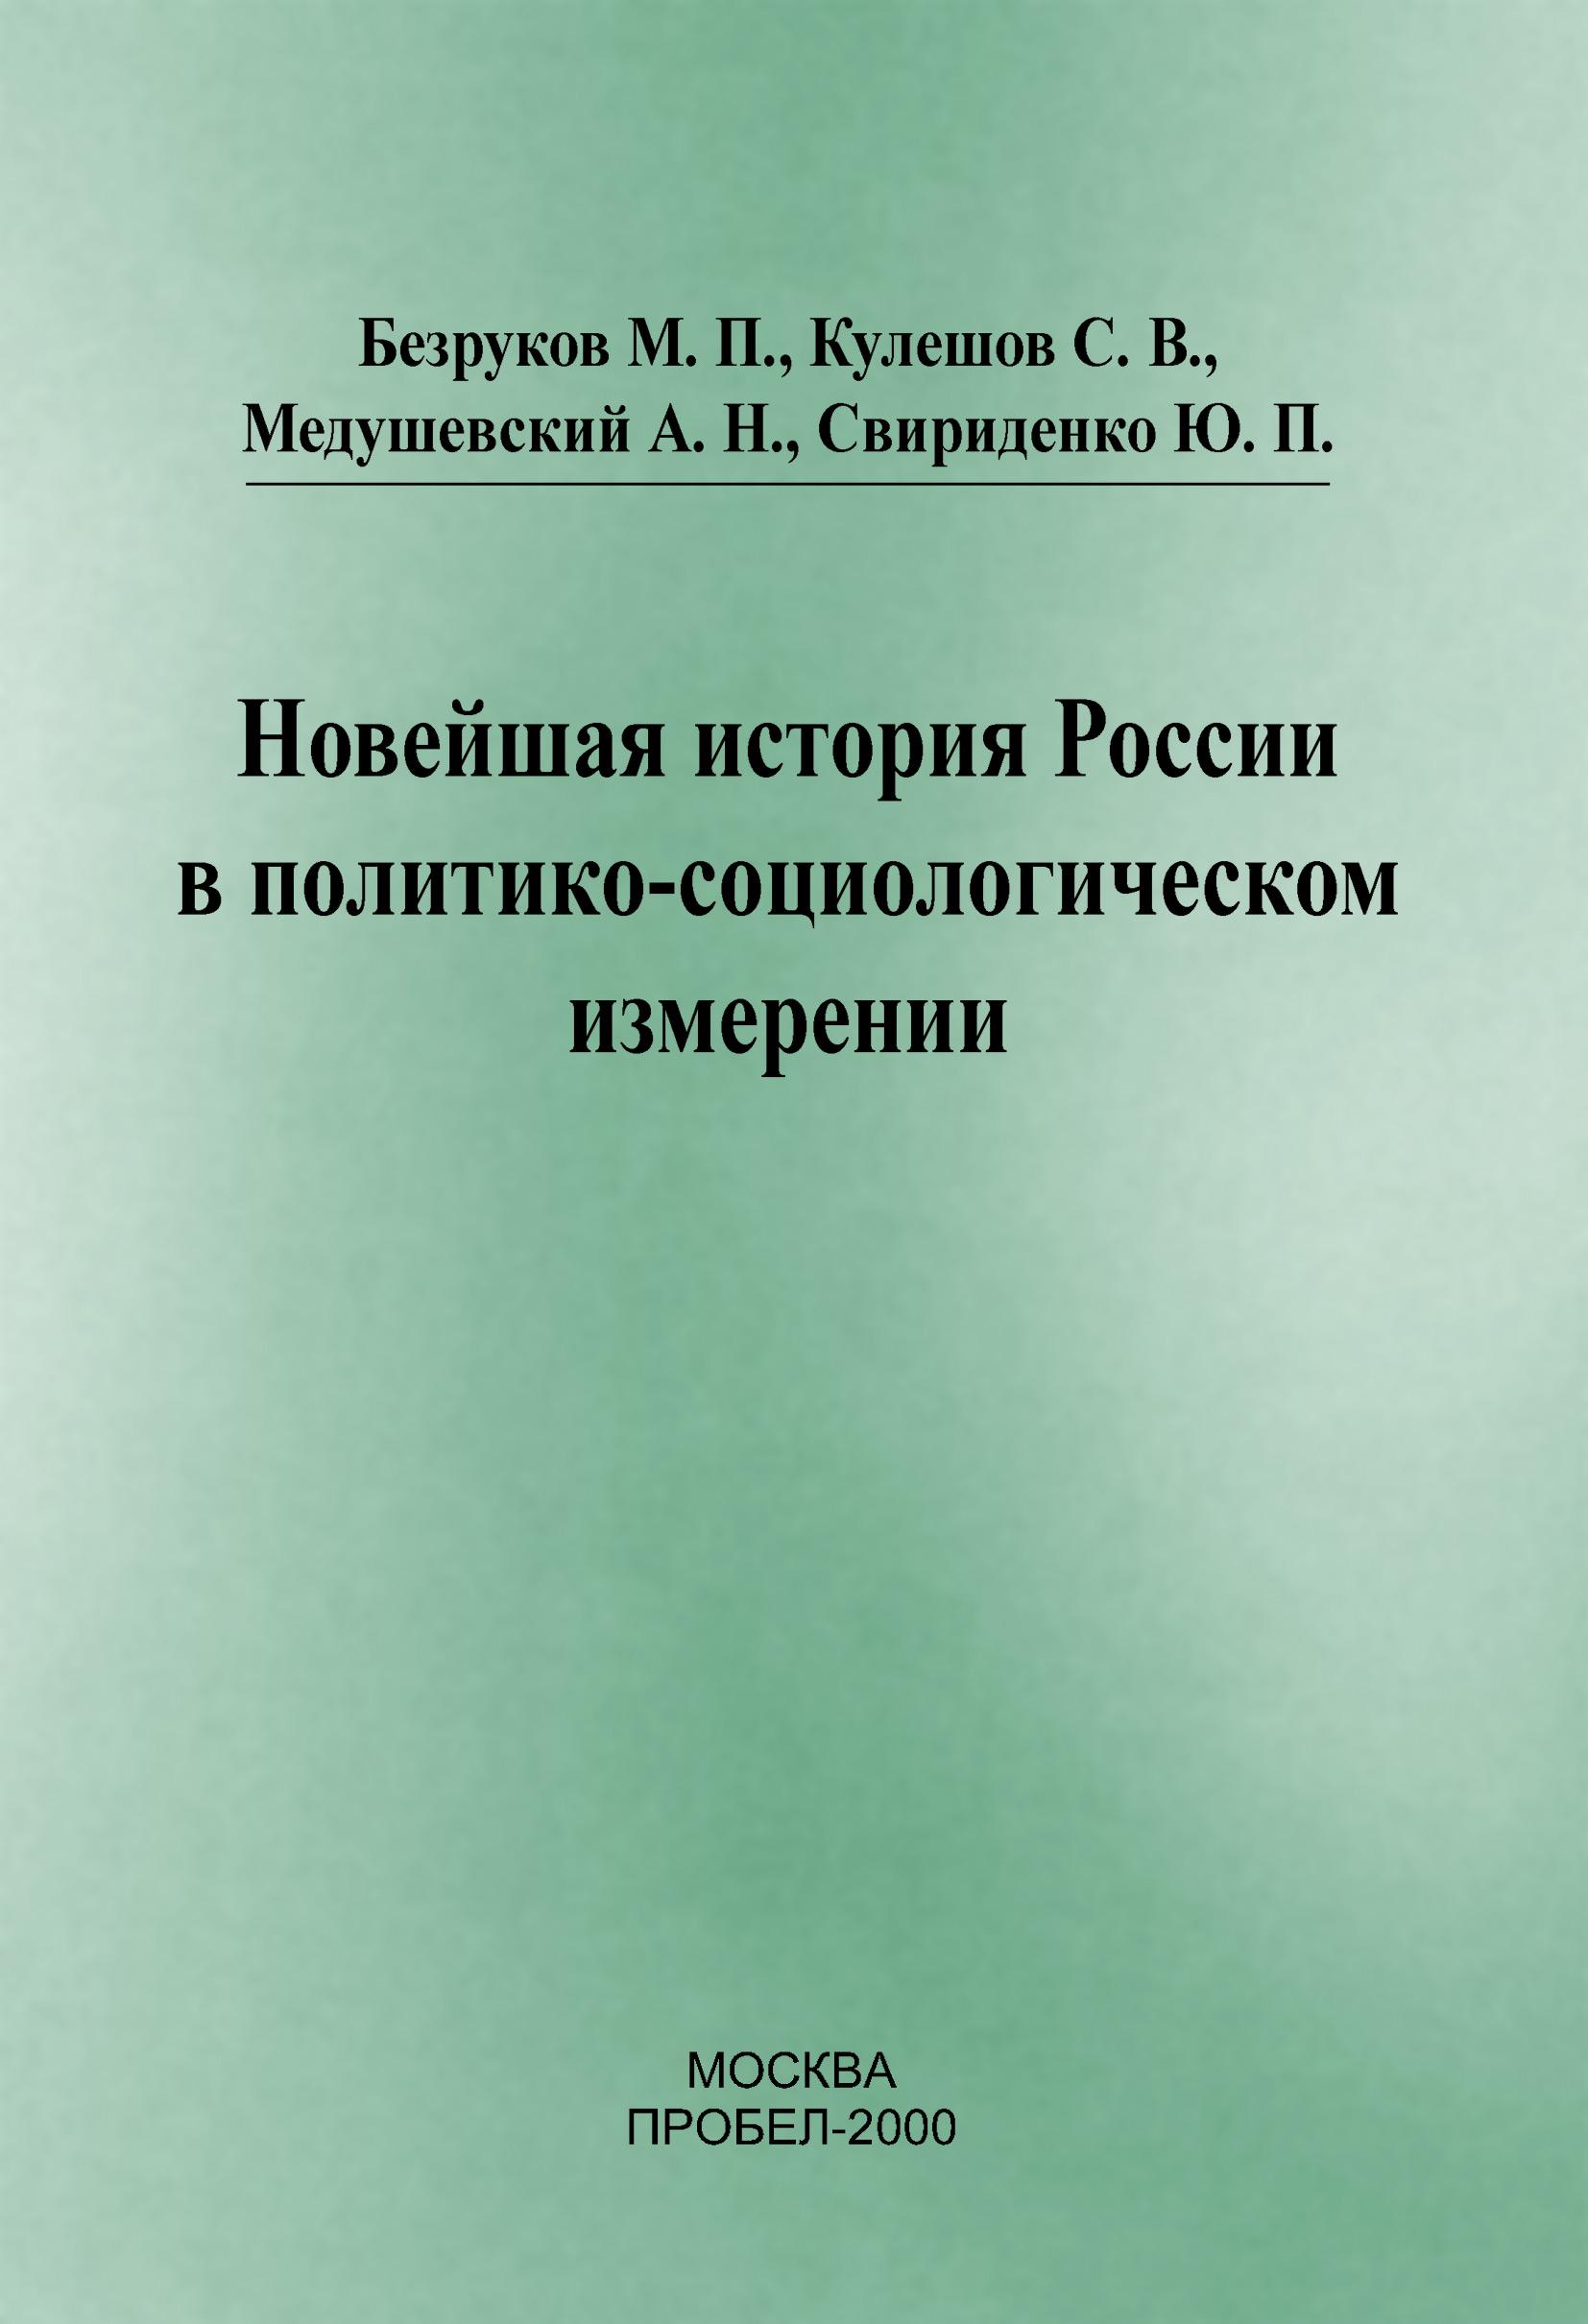 Новейшая история России в политико-социологическом измерении